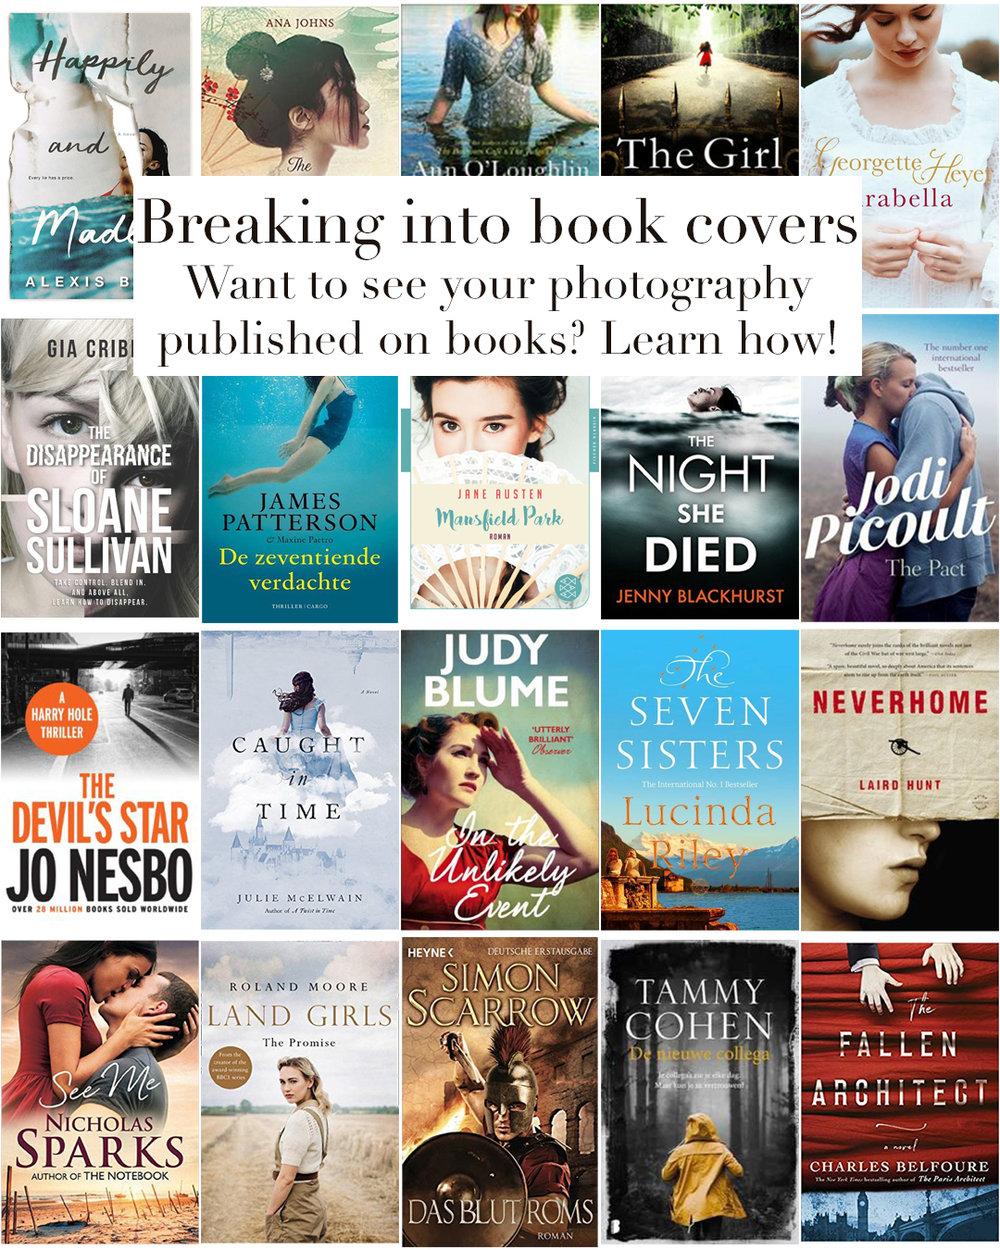 breakingintobookcovers.jpg